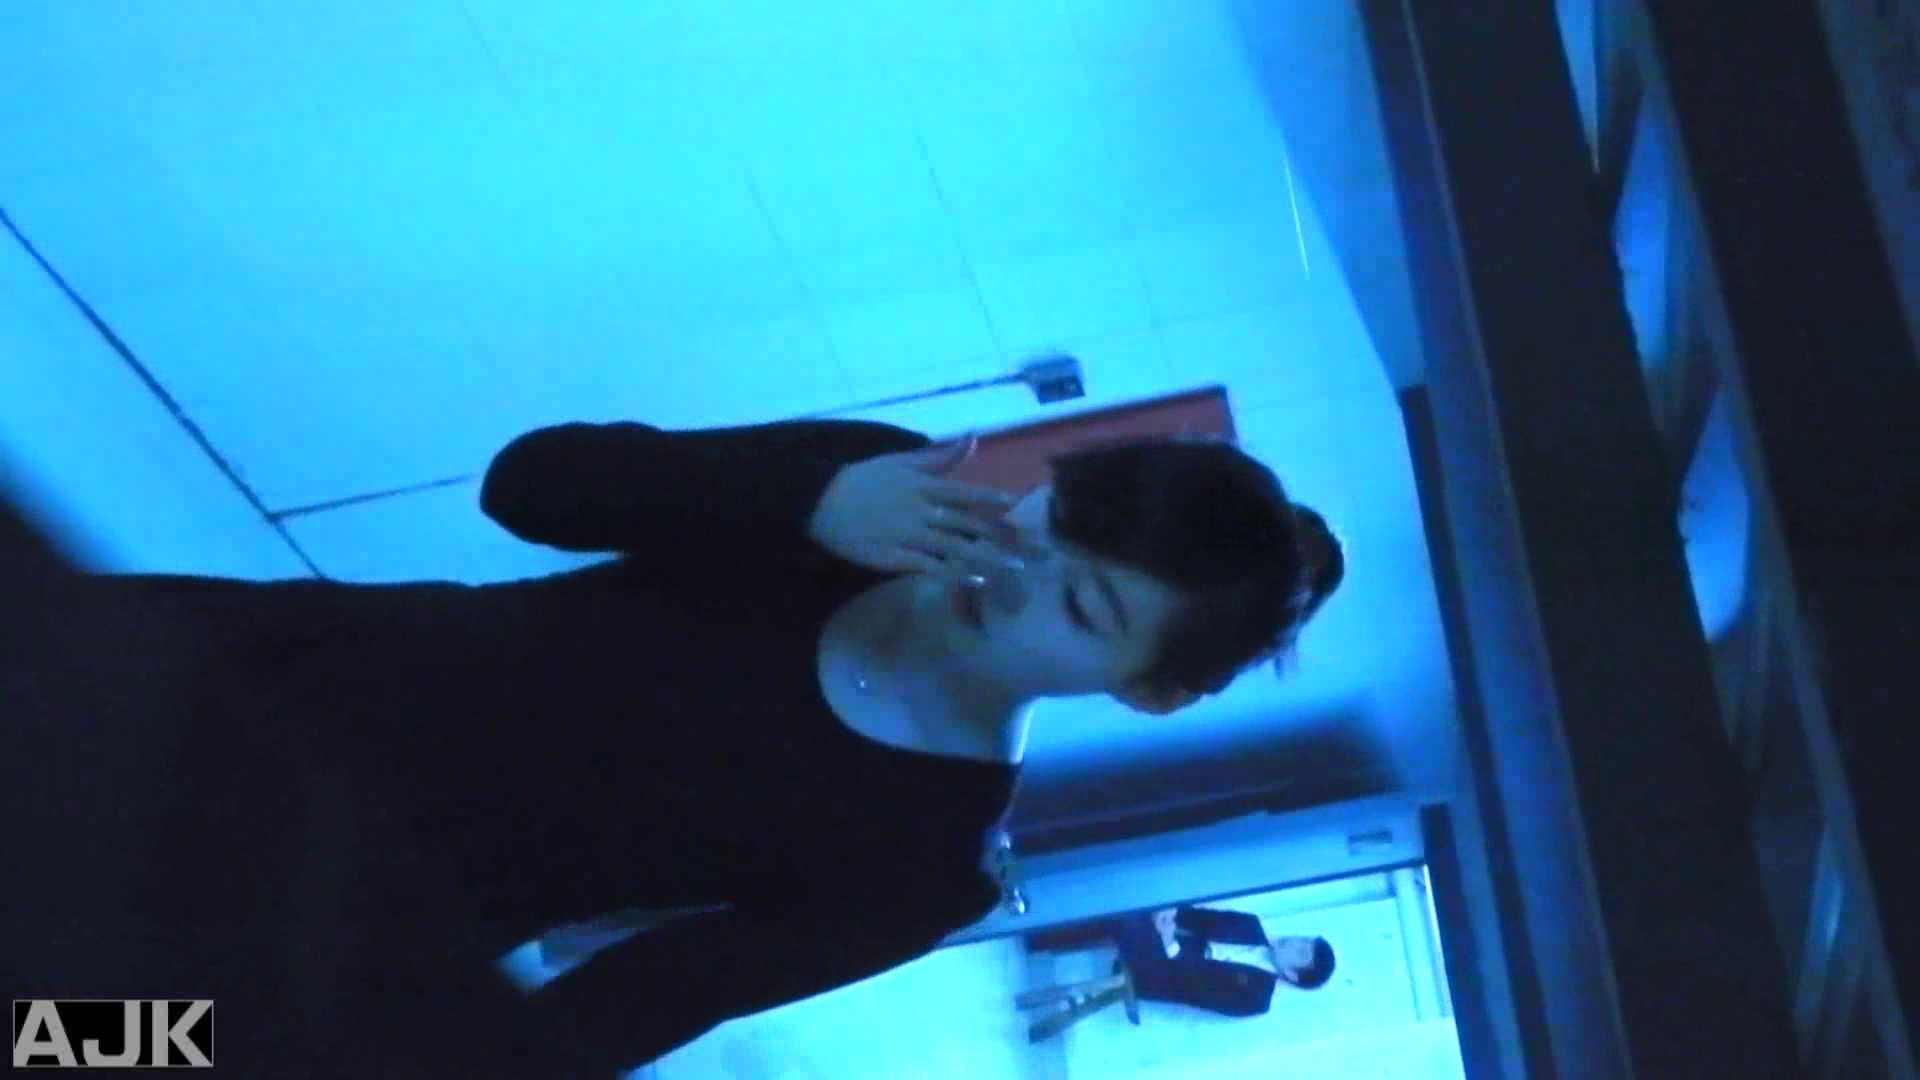 隣国上階級エリアの令嬢たちが集うデパートお手洗い Vol.12 便器 オマンコ動画キャプチャ 99枚 52